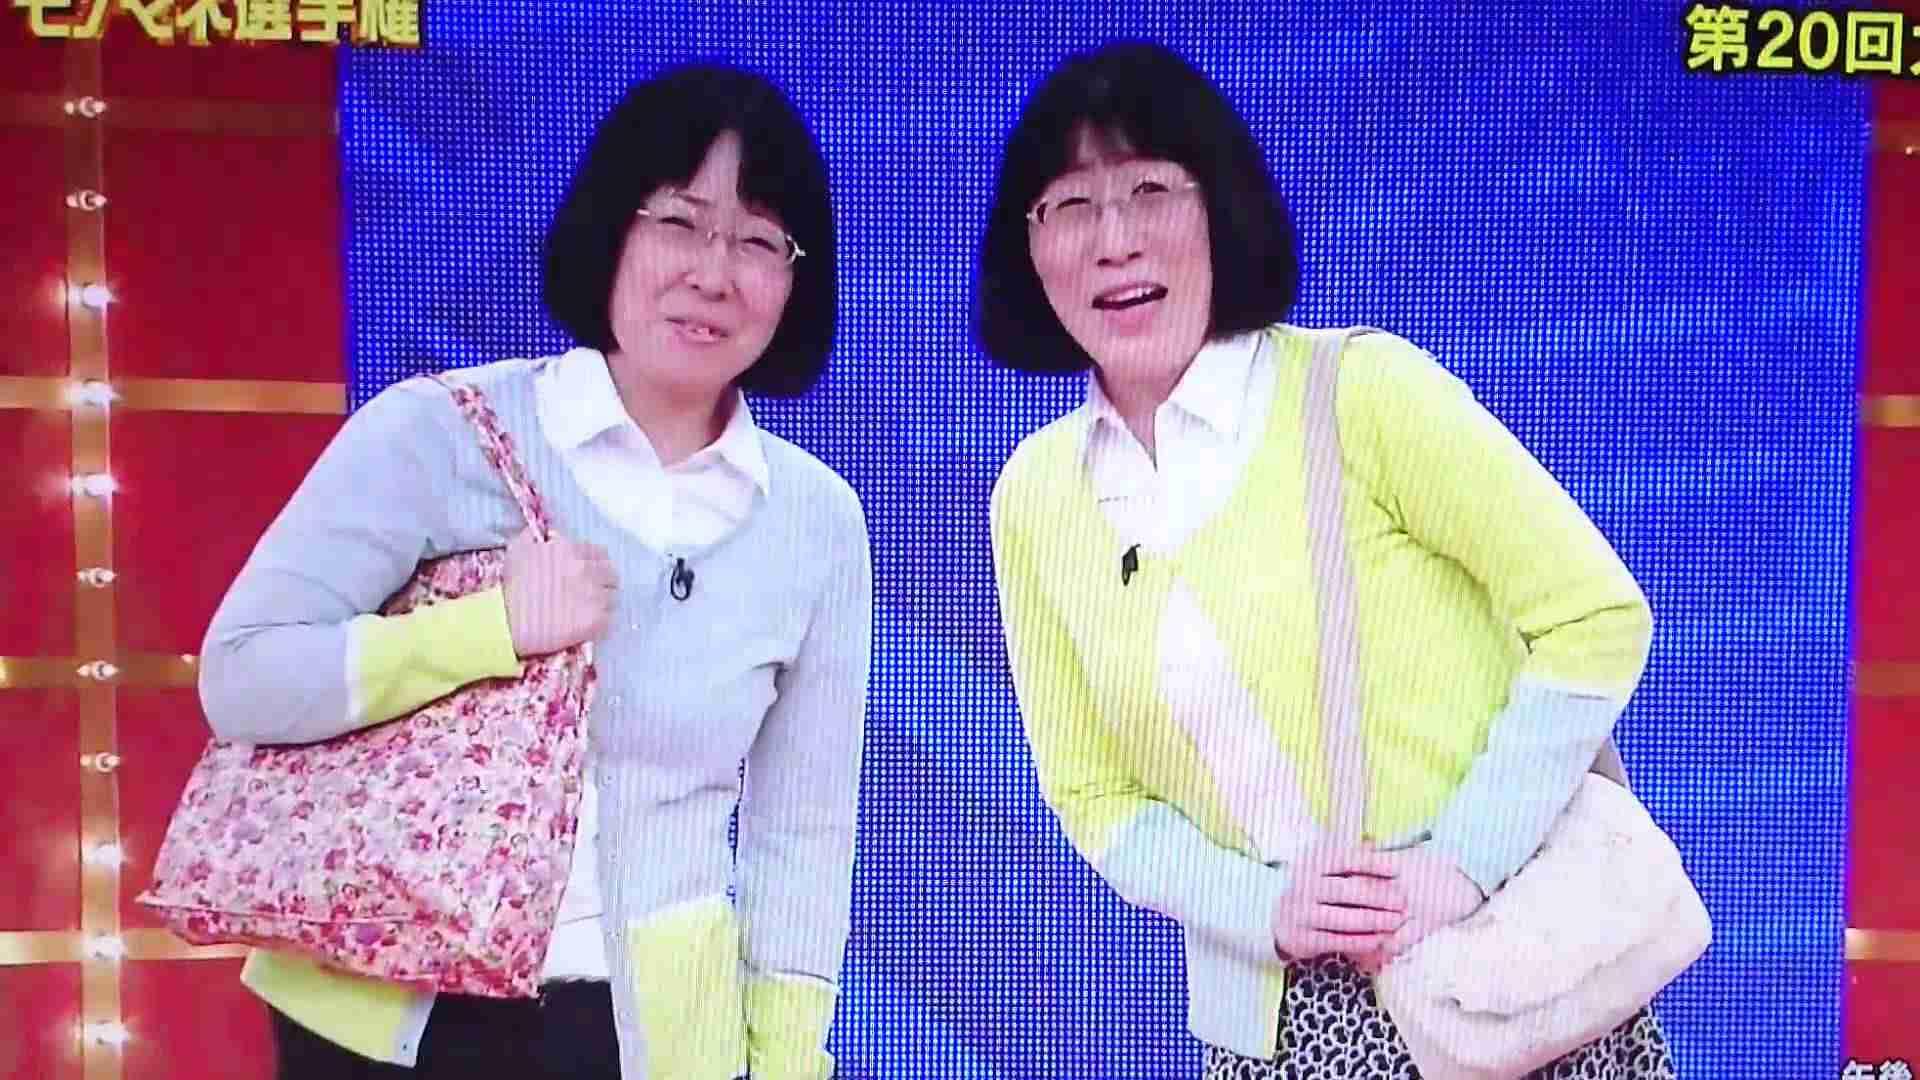 阿佐ヶ谷姉妹 玄関開けたら いる人 - YouTube